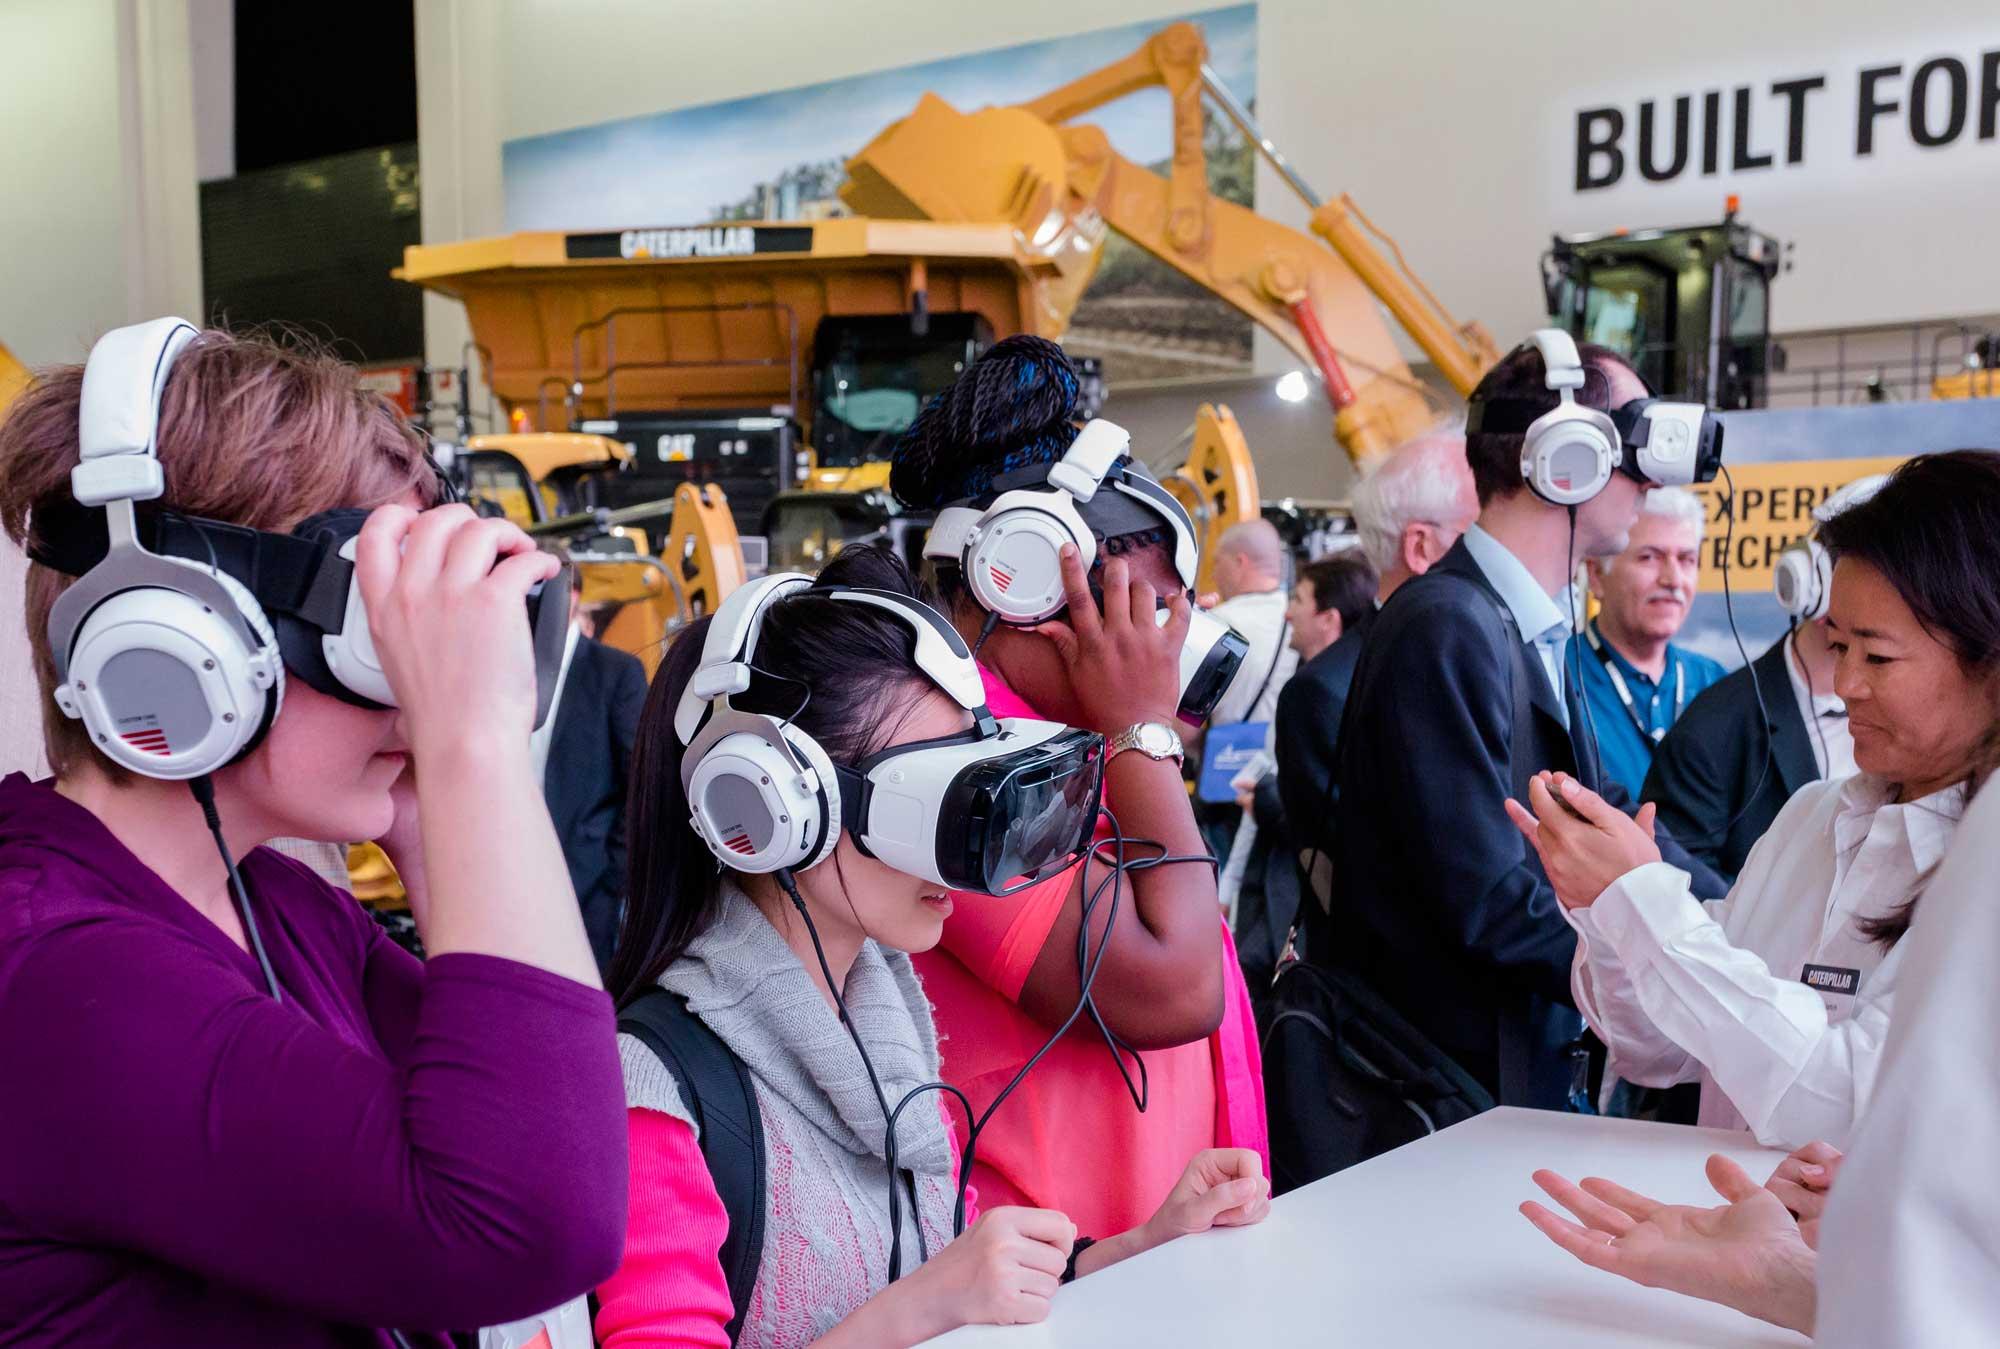 Ein Renner auf der bauma: Virtual-Reality-Brillen und 360-Grad-Videos, über die neueste Baumaschinentechnologie in Form von Assistenzsystemen bei Cat Kettendozern und Kettenbaggern mit großem Erfolg erlebbar gemacht wurde. Fotos: Zeppelin